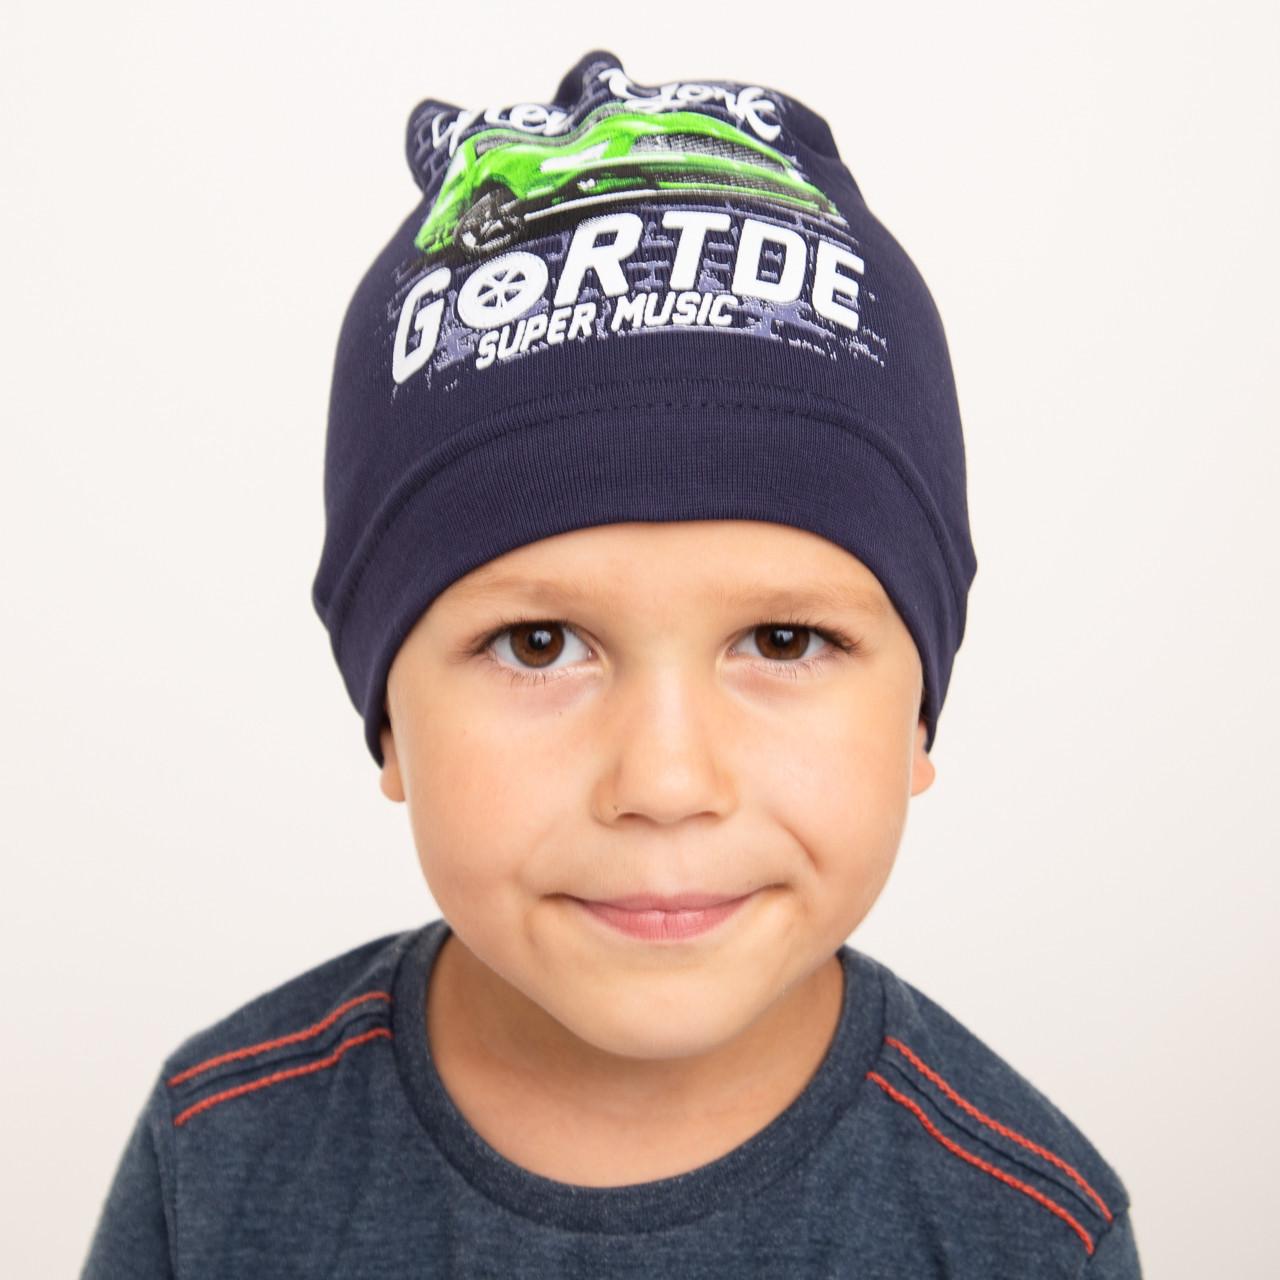 Спортивная шапка для мальчика на весну - Арт 2316